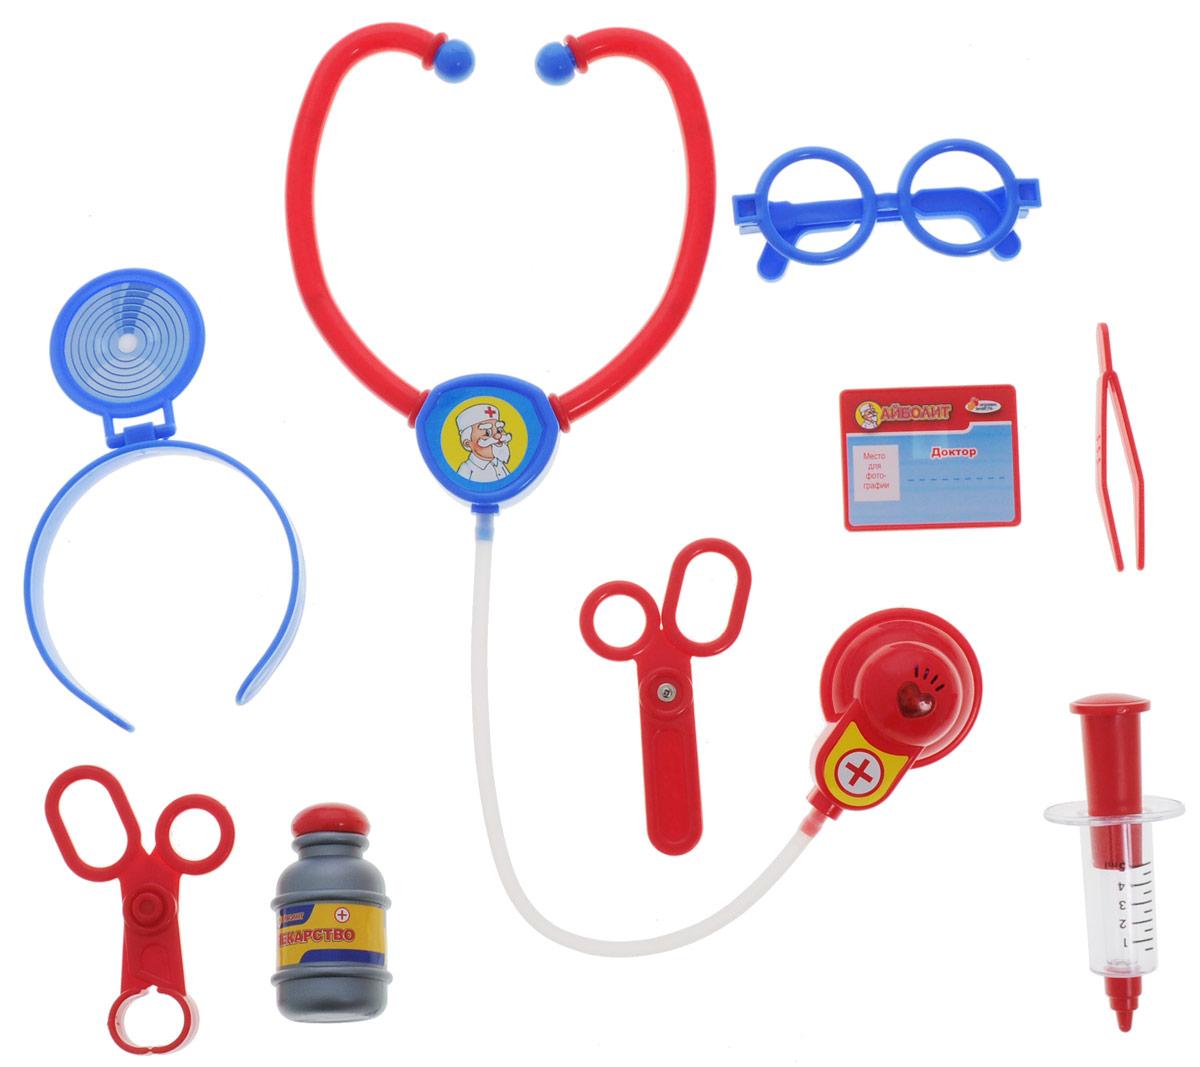 Играем вместе Игровой набор Доктор Айболит 9 предметовJ210-H34002-RИгровой набор Играем вместе Доктор Айболит включает в себя все необходимые аксессуары для маленького врача, которые создадут увлекательную атмосферу игры. В комплект входят стетоскоп со световыми и звуковыми эффектами, шприц, ножницы, зеркало с креплением для головы и другие медицинские инструменты - всего 9 элементов набора. С этим замечательным набором ребенок сможет почувствовать себя квалифицированным специалистом. Теперь все игрушки будут совершенно здоровы! Рекомендуется докупить 2 батарейки типа AG13 (товар комплектуется демонстрационными).